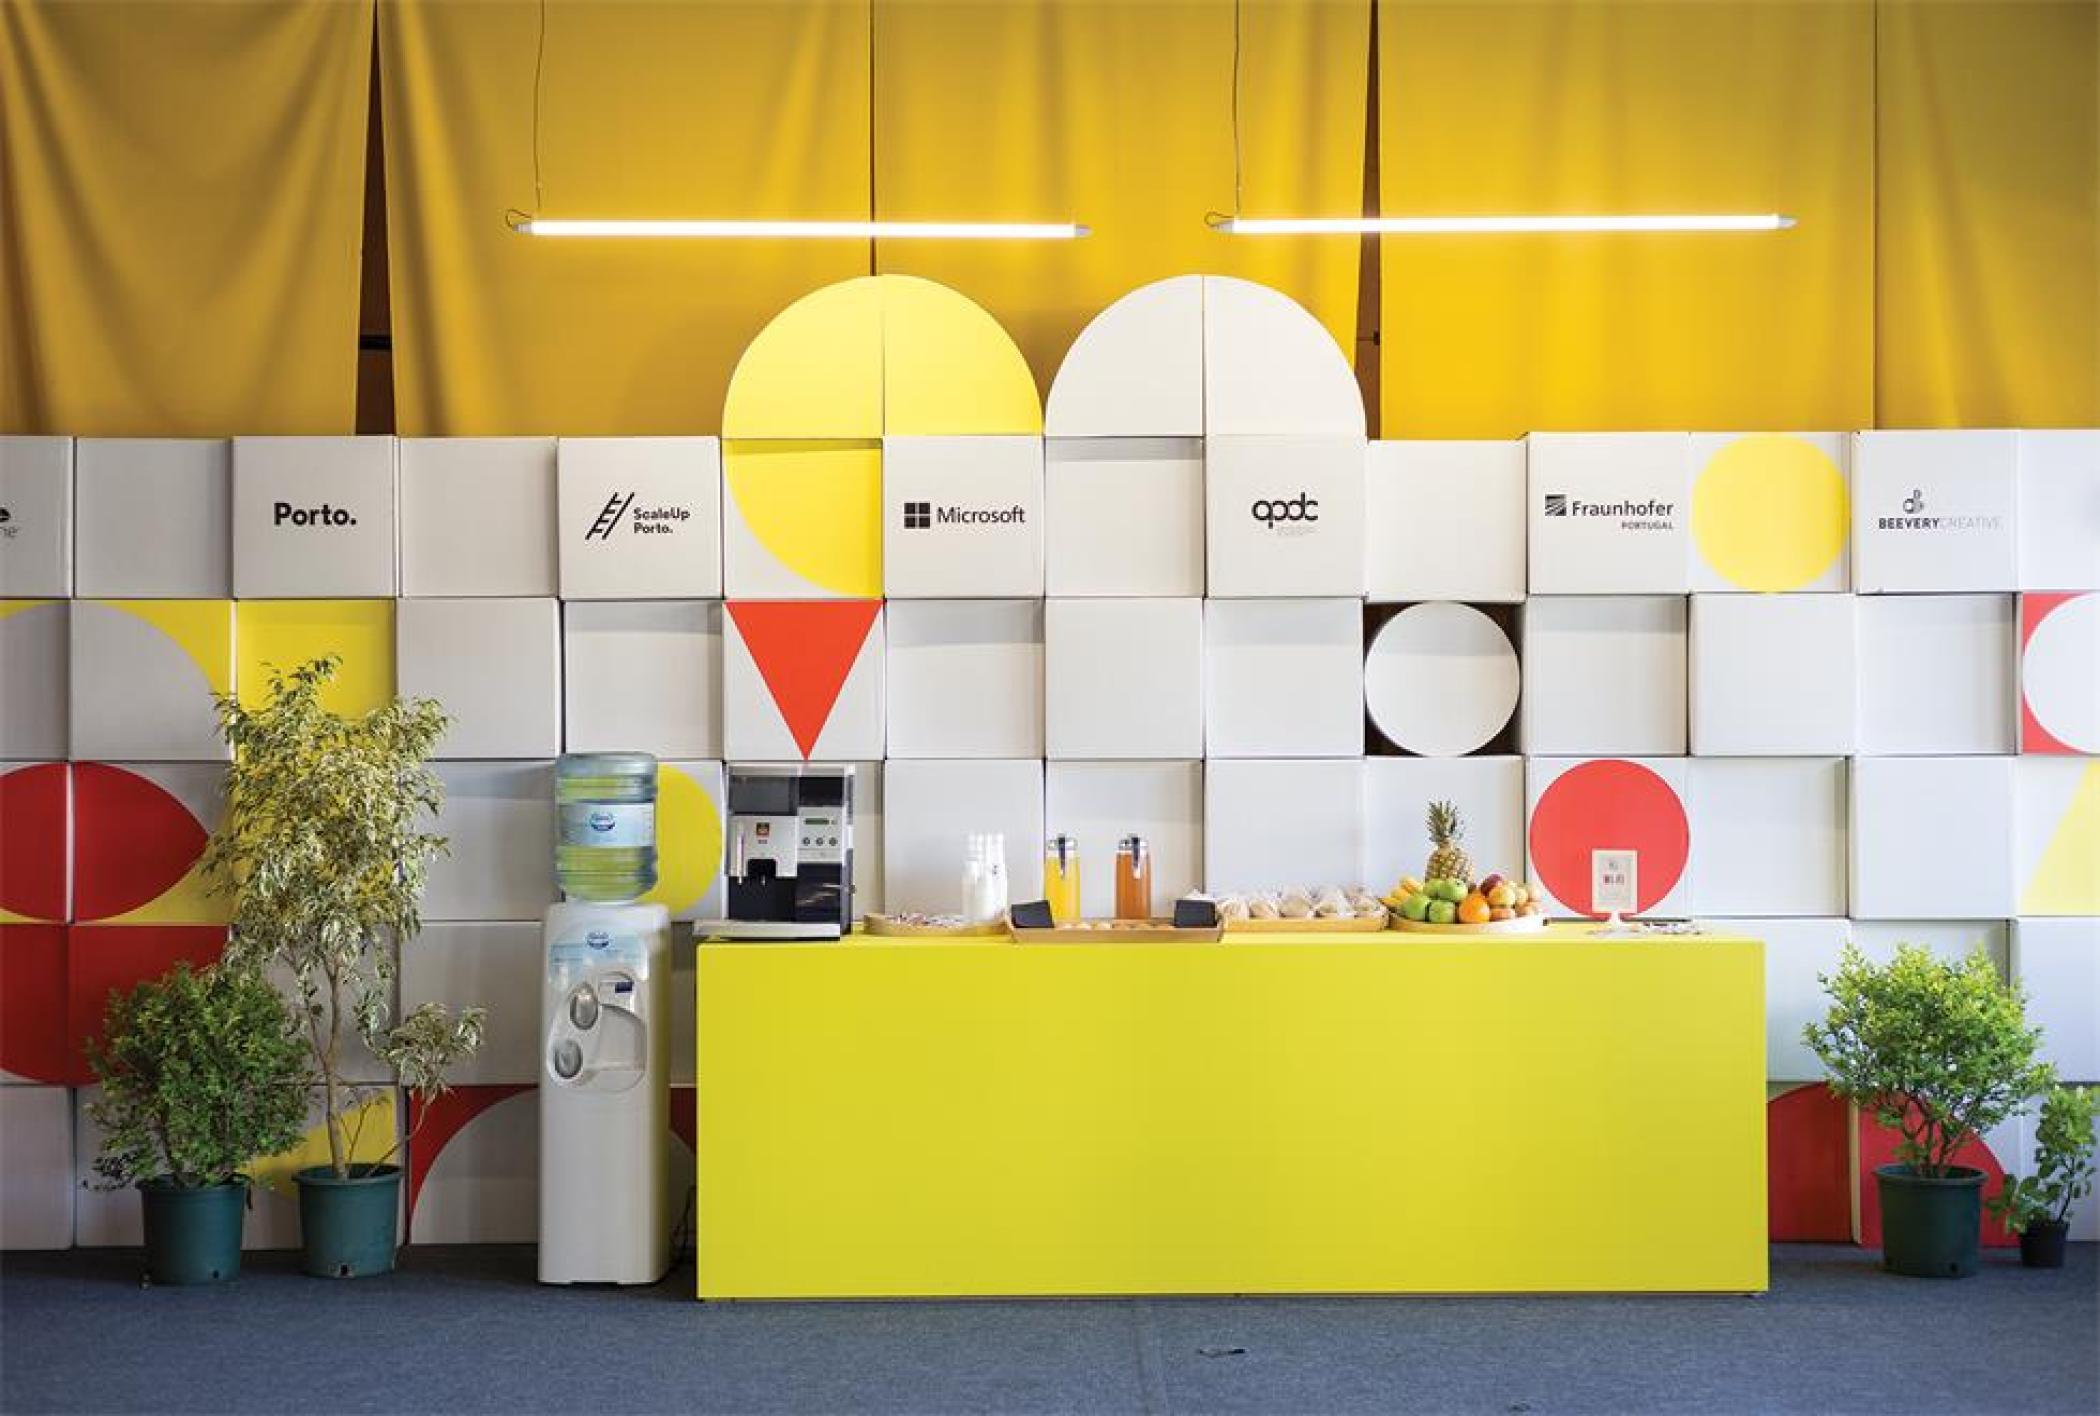 黑客节活动策划现场用纸板箱和瓦楞纸做的造型装饰太有意思了